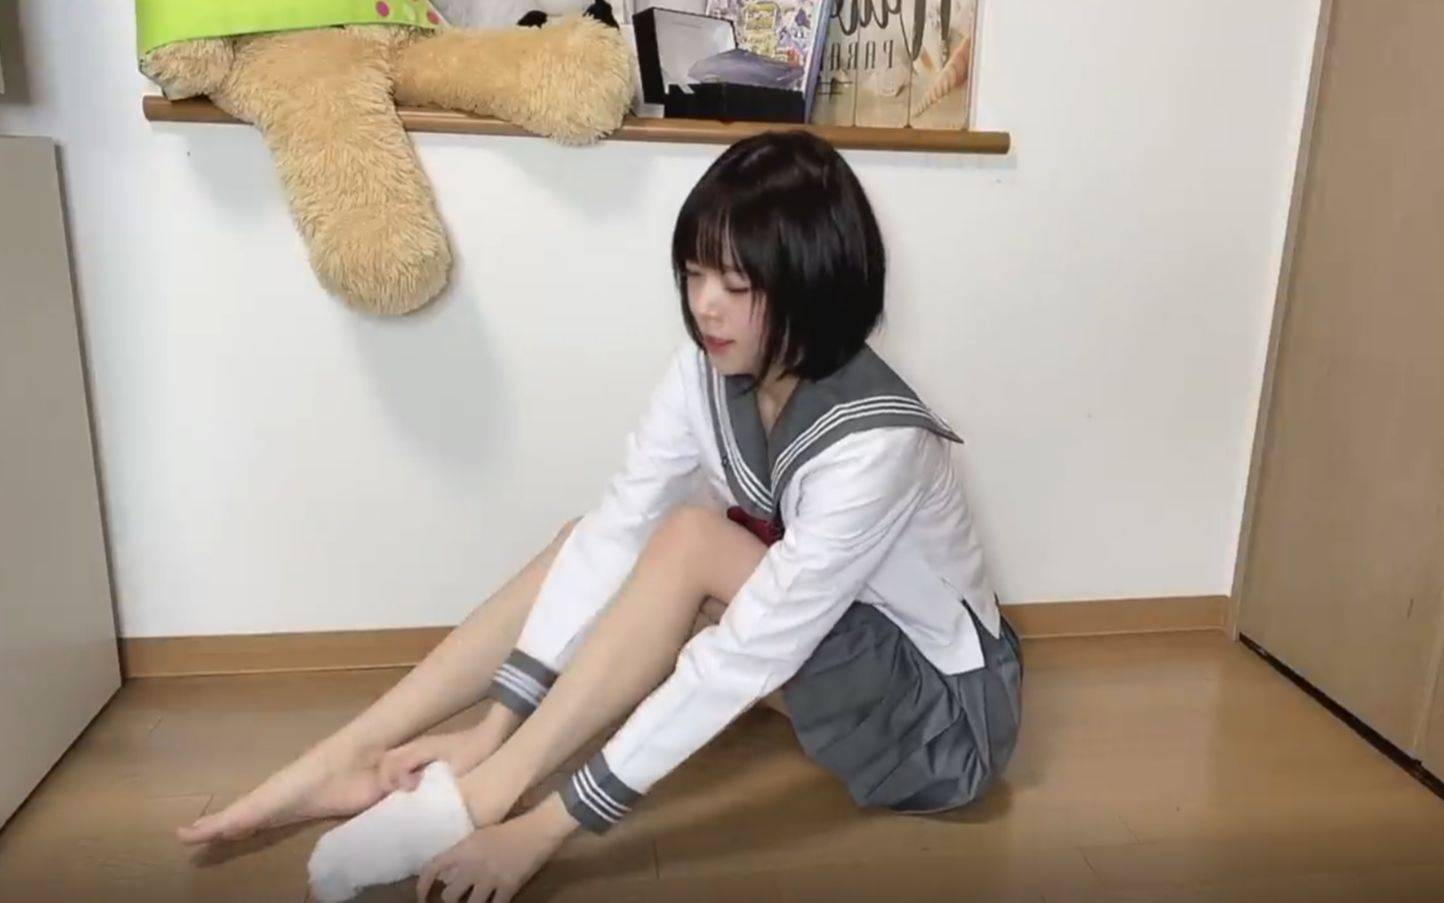 [Arisa][熟肉]裤袜派?白袜派?藏青色袜子派?短裙制服[ありさ]タイツ派?白派?紺ソ